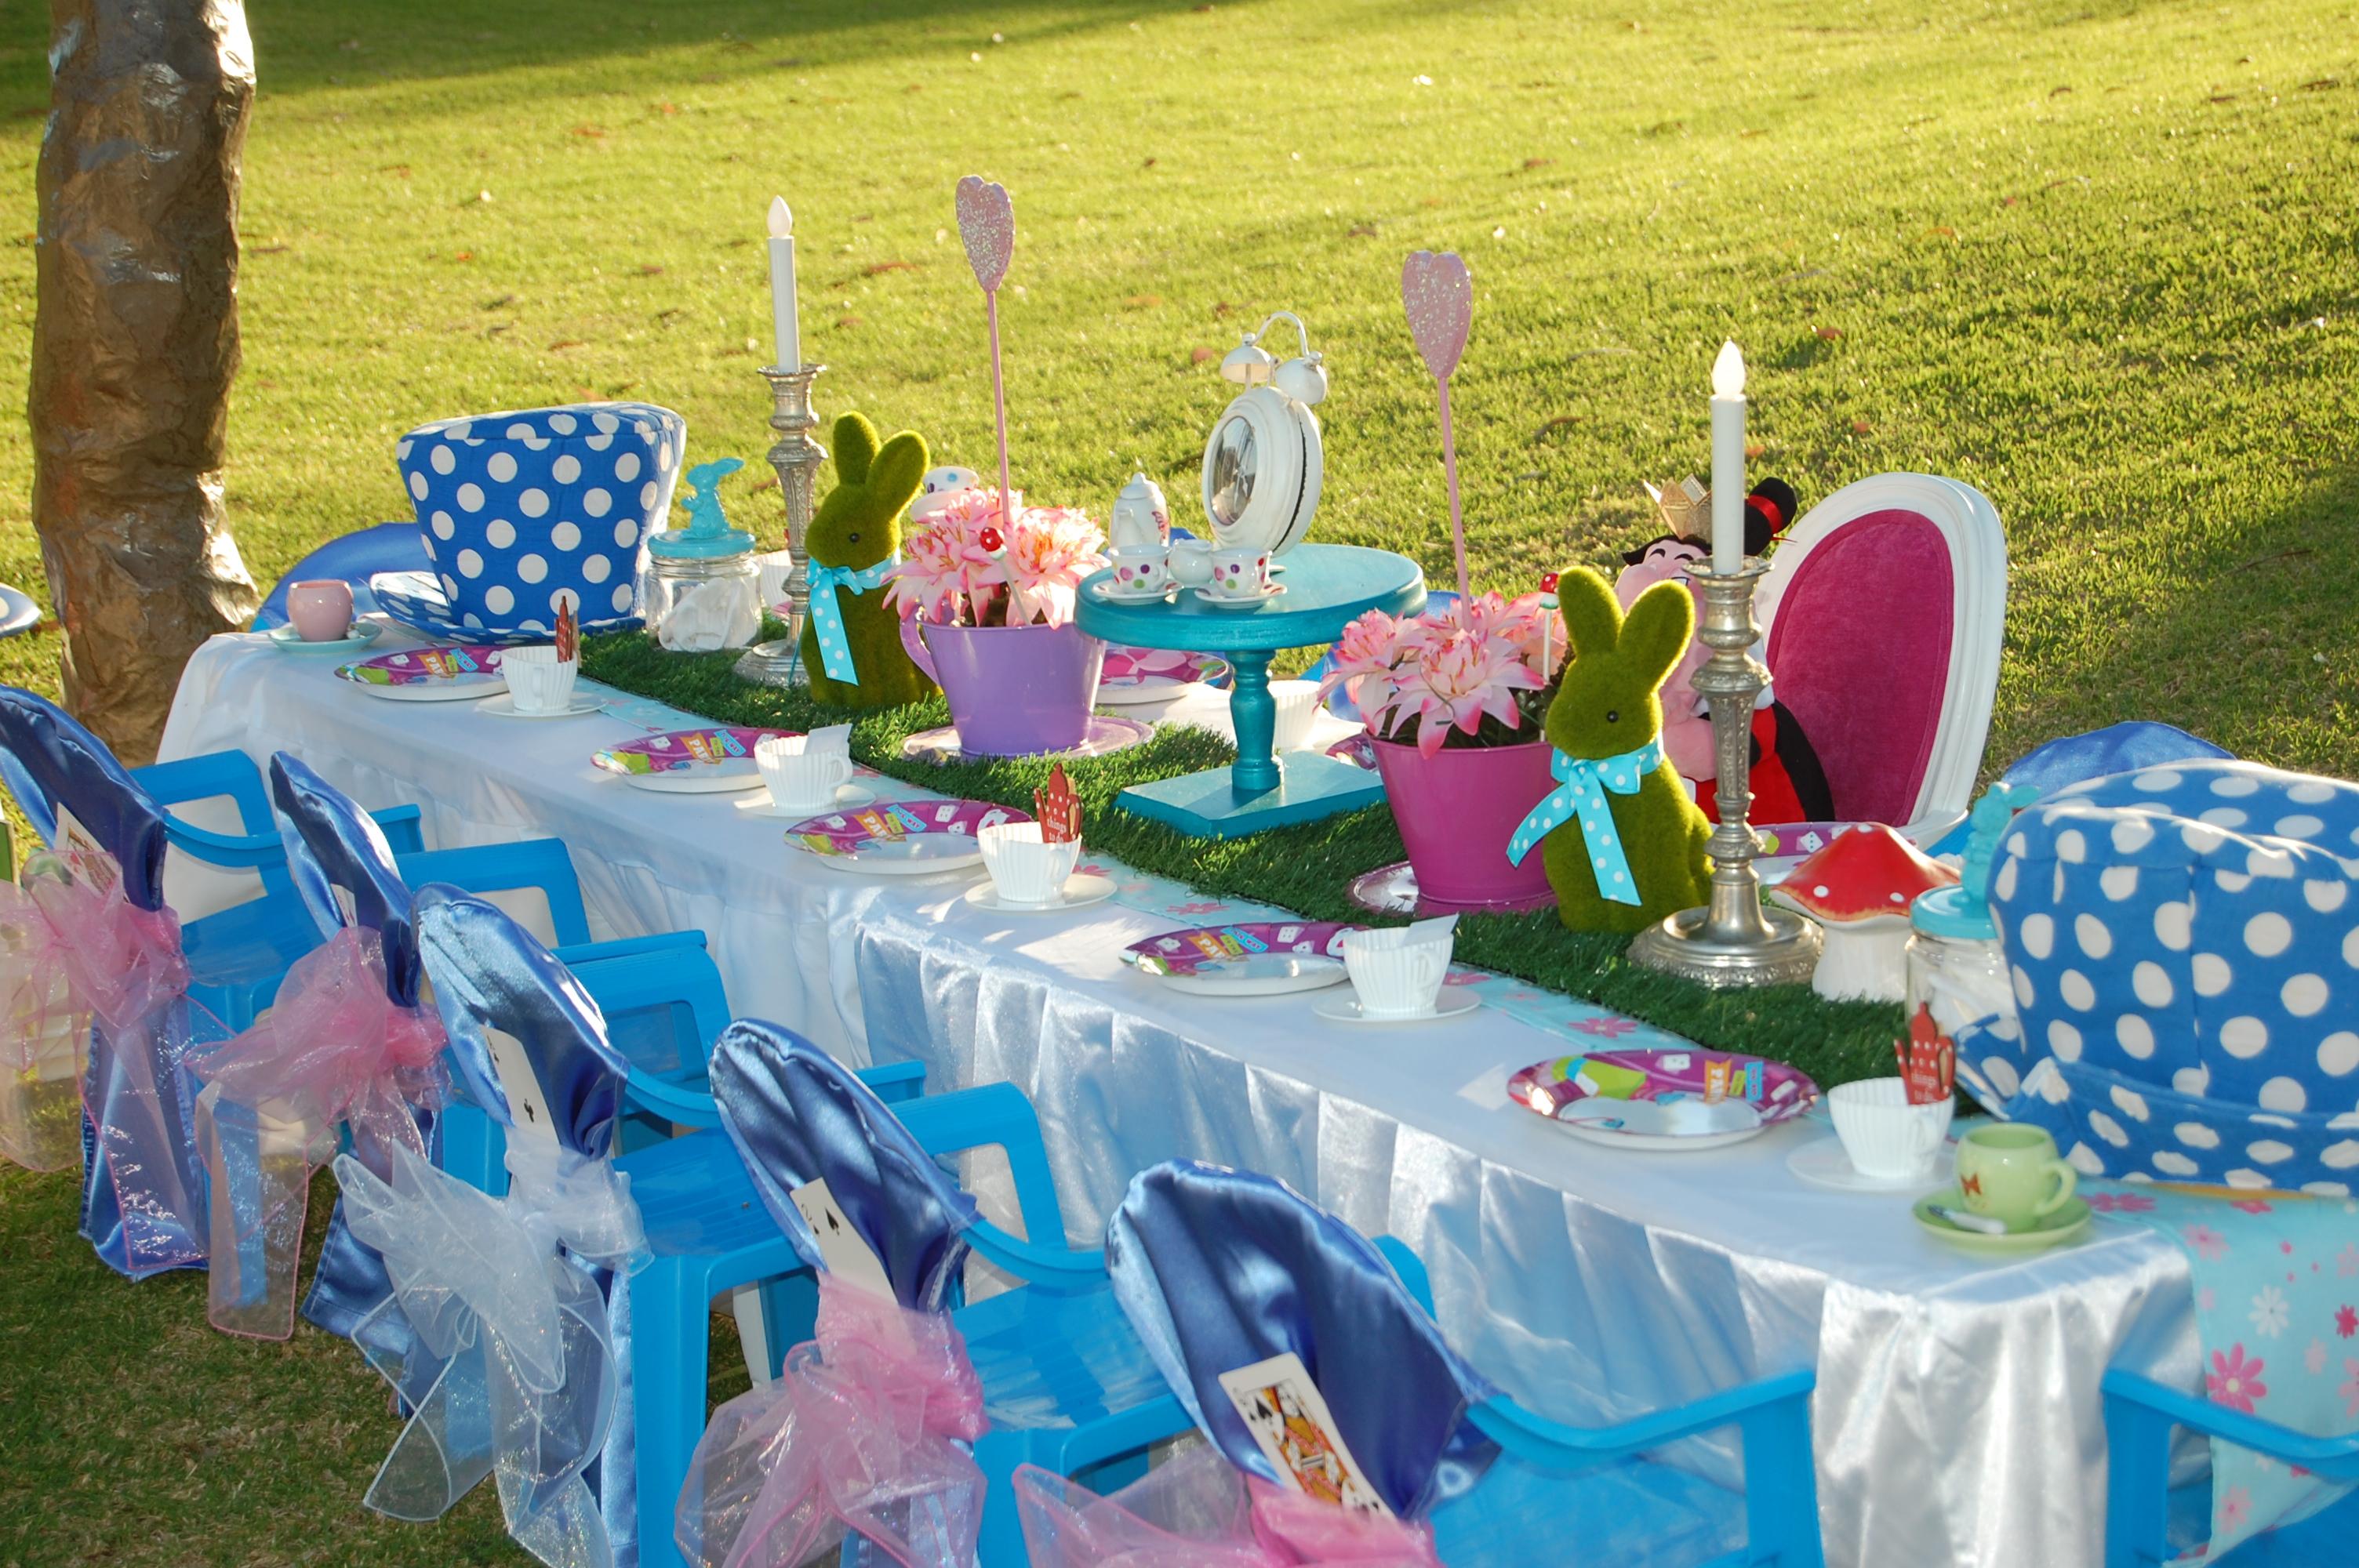 Alice in Wonderland Table Setting & Alice in Wonderland Table Setting - Wish Upon a Party